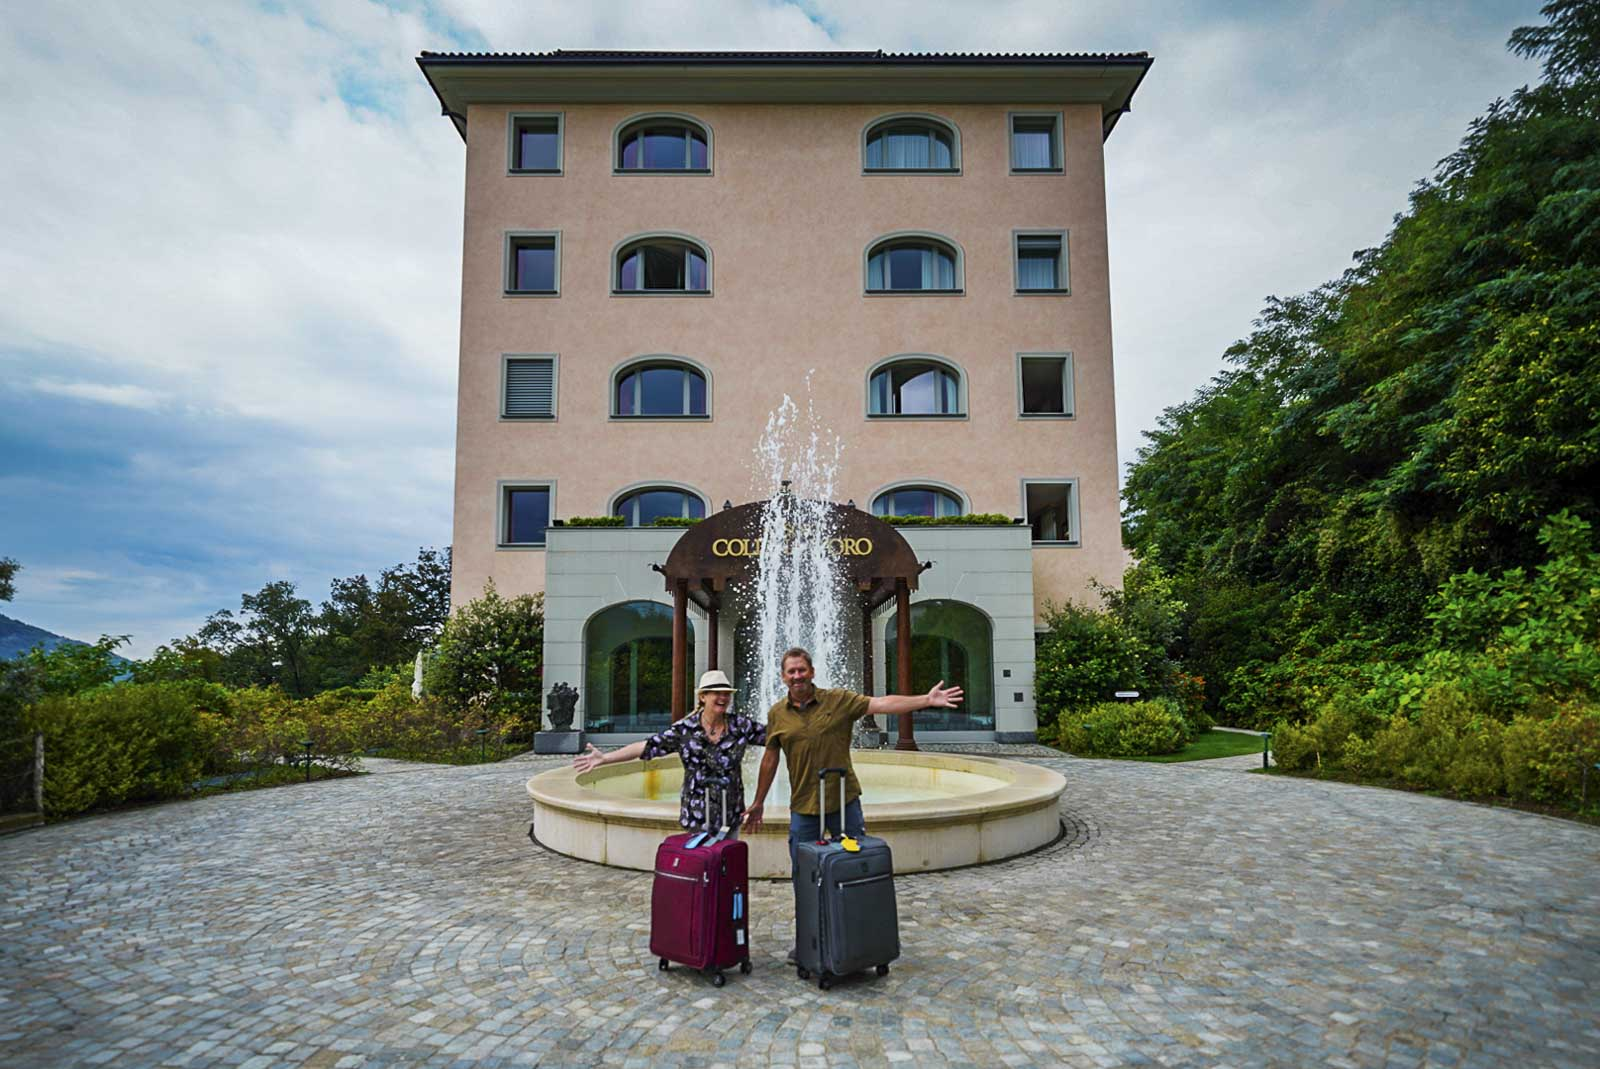 Resort Collina Doro in Ticino